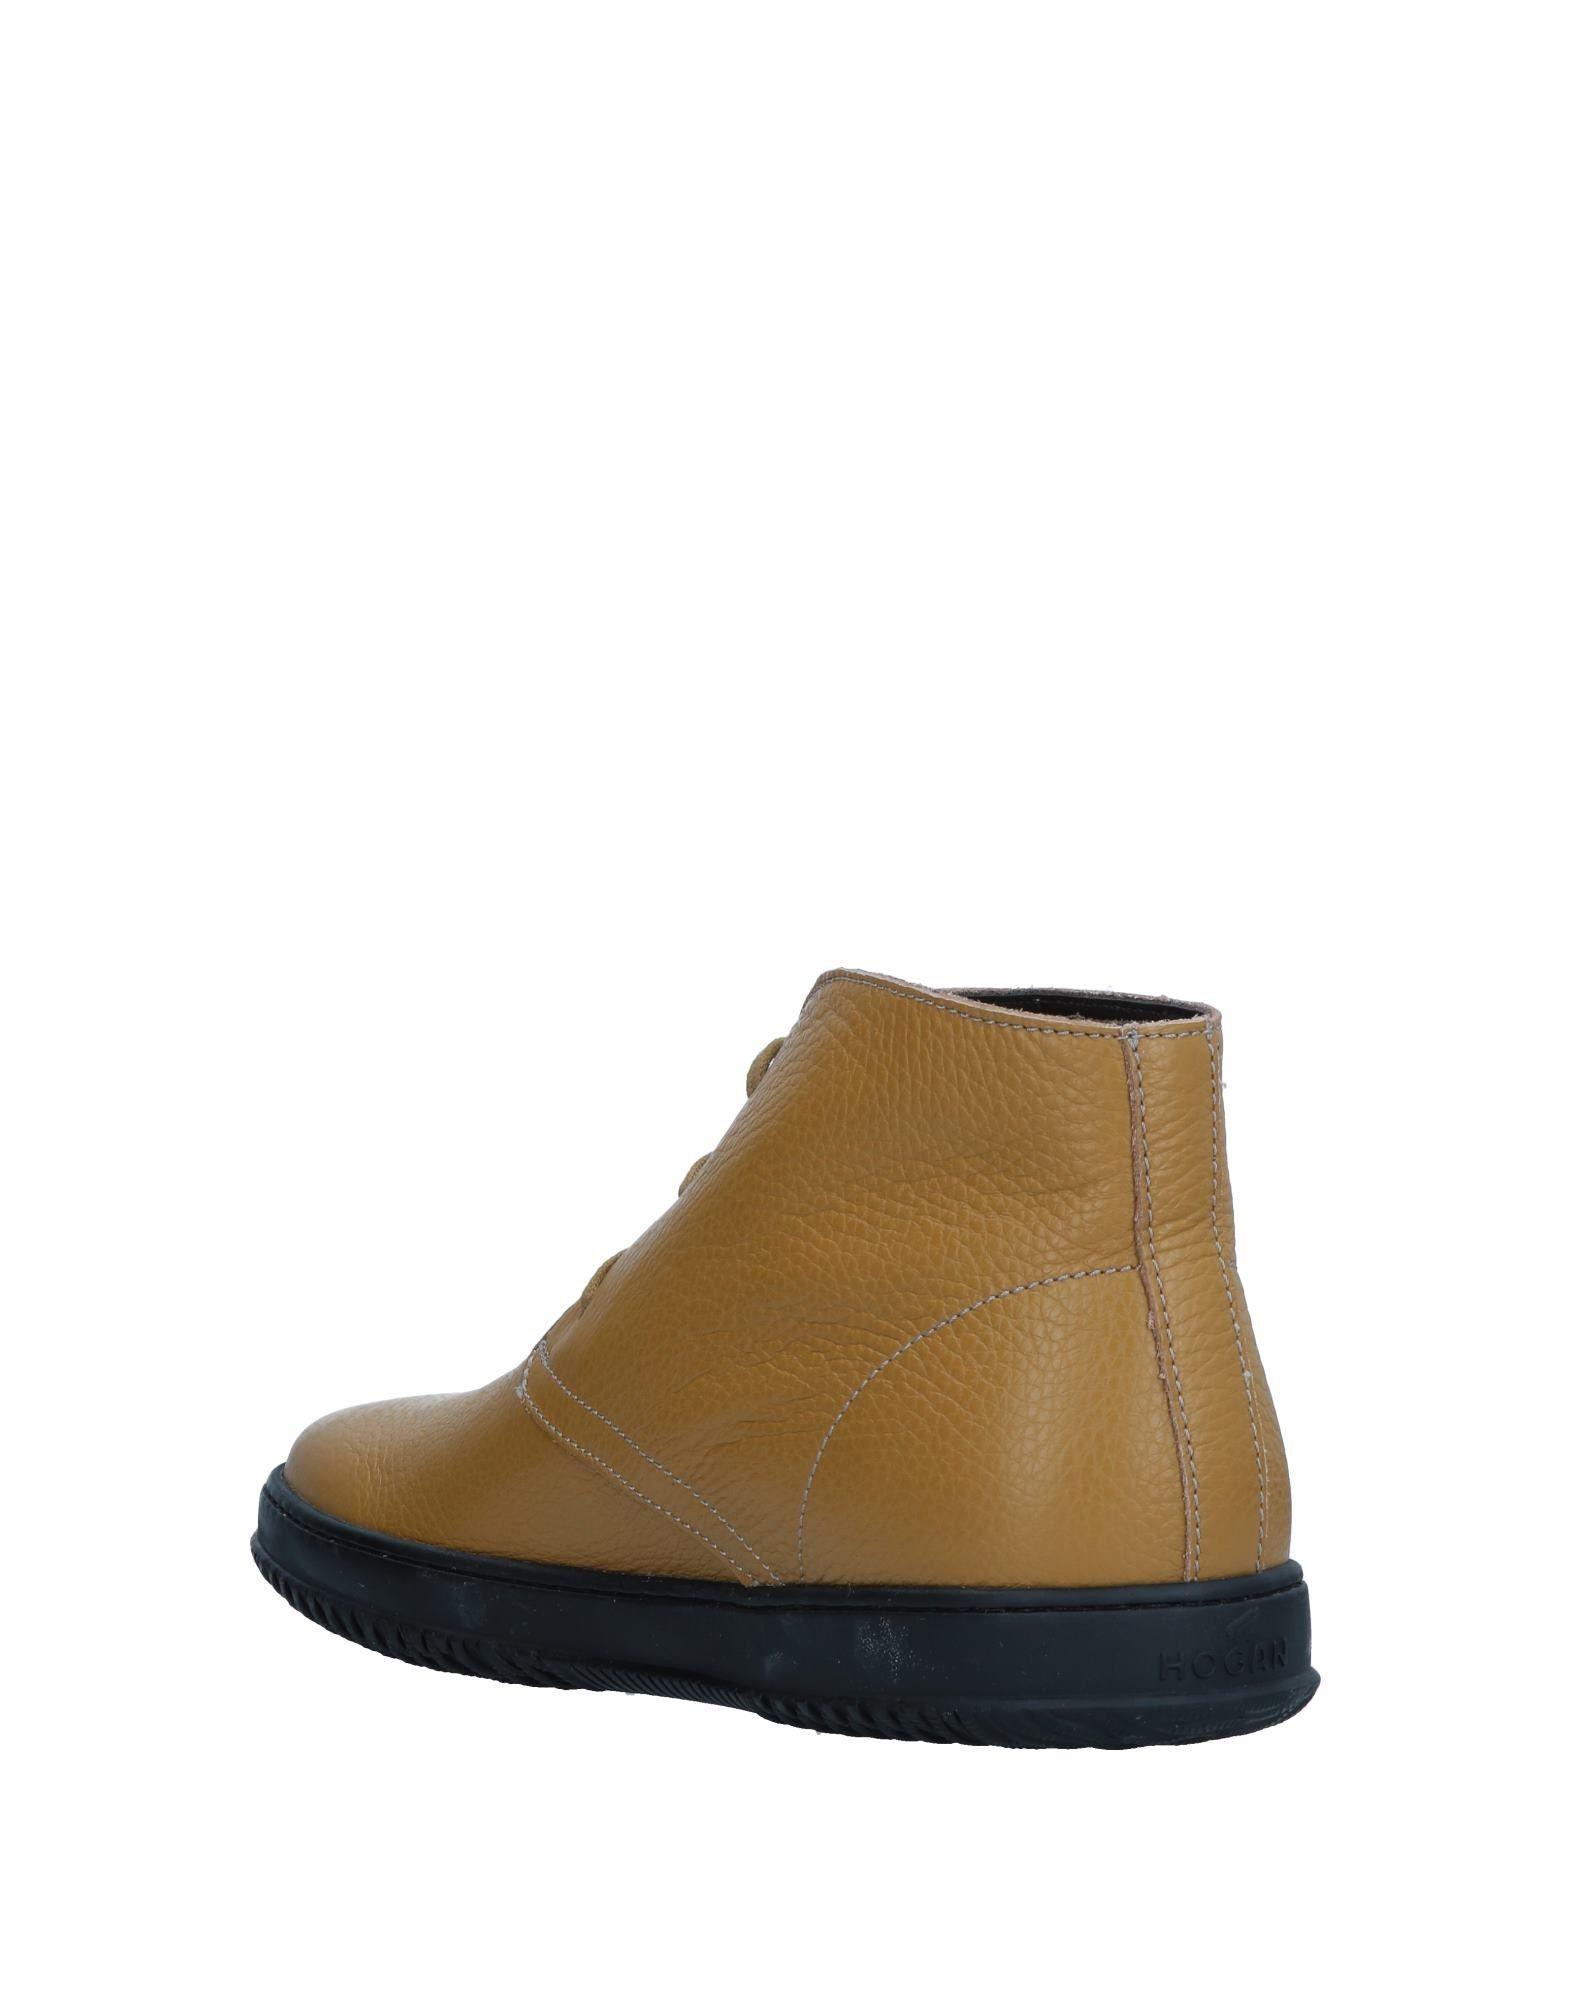 Hogan Stiefelette Herren beliebte  11541674BL Gute Qualität beliebte Herren Schuhe 5f9acd